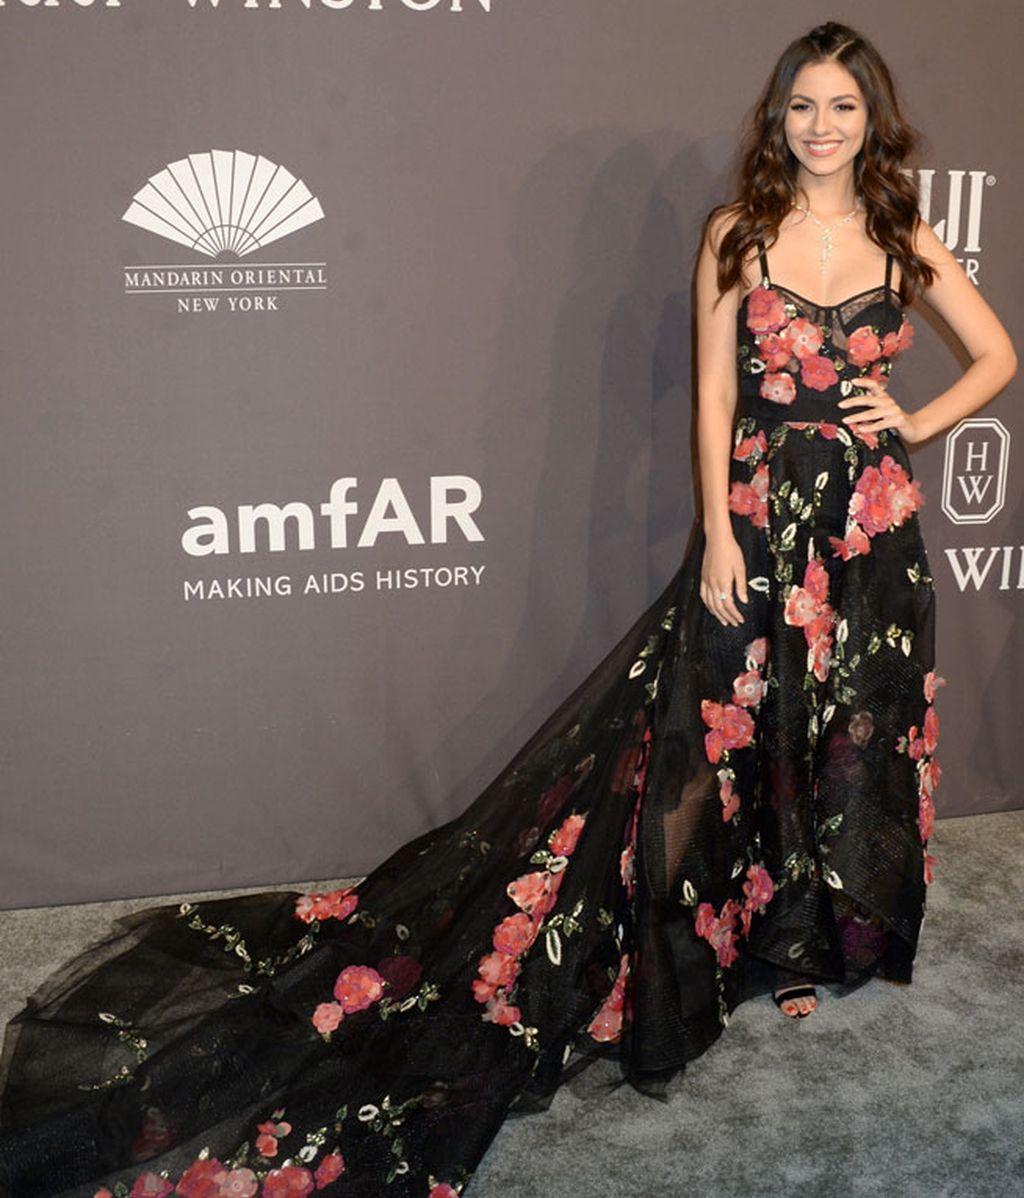 El vestido floreado de Victoria Justice es un diseño de Marchesa